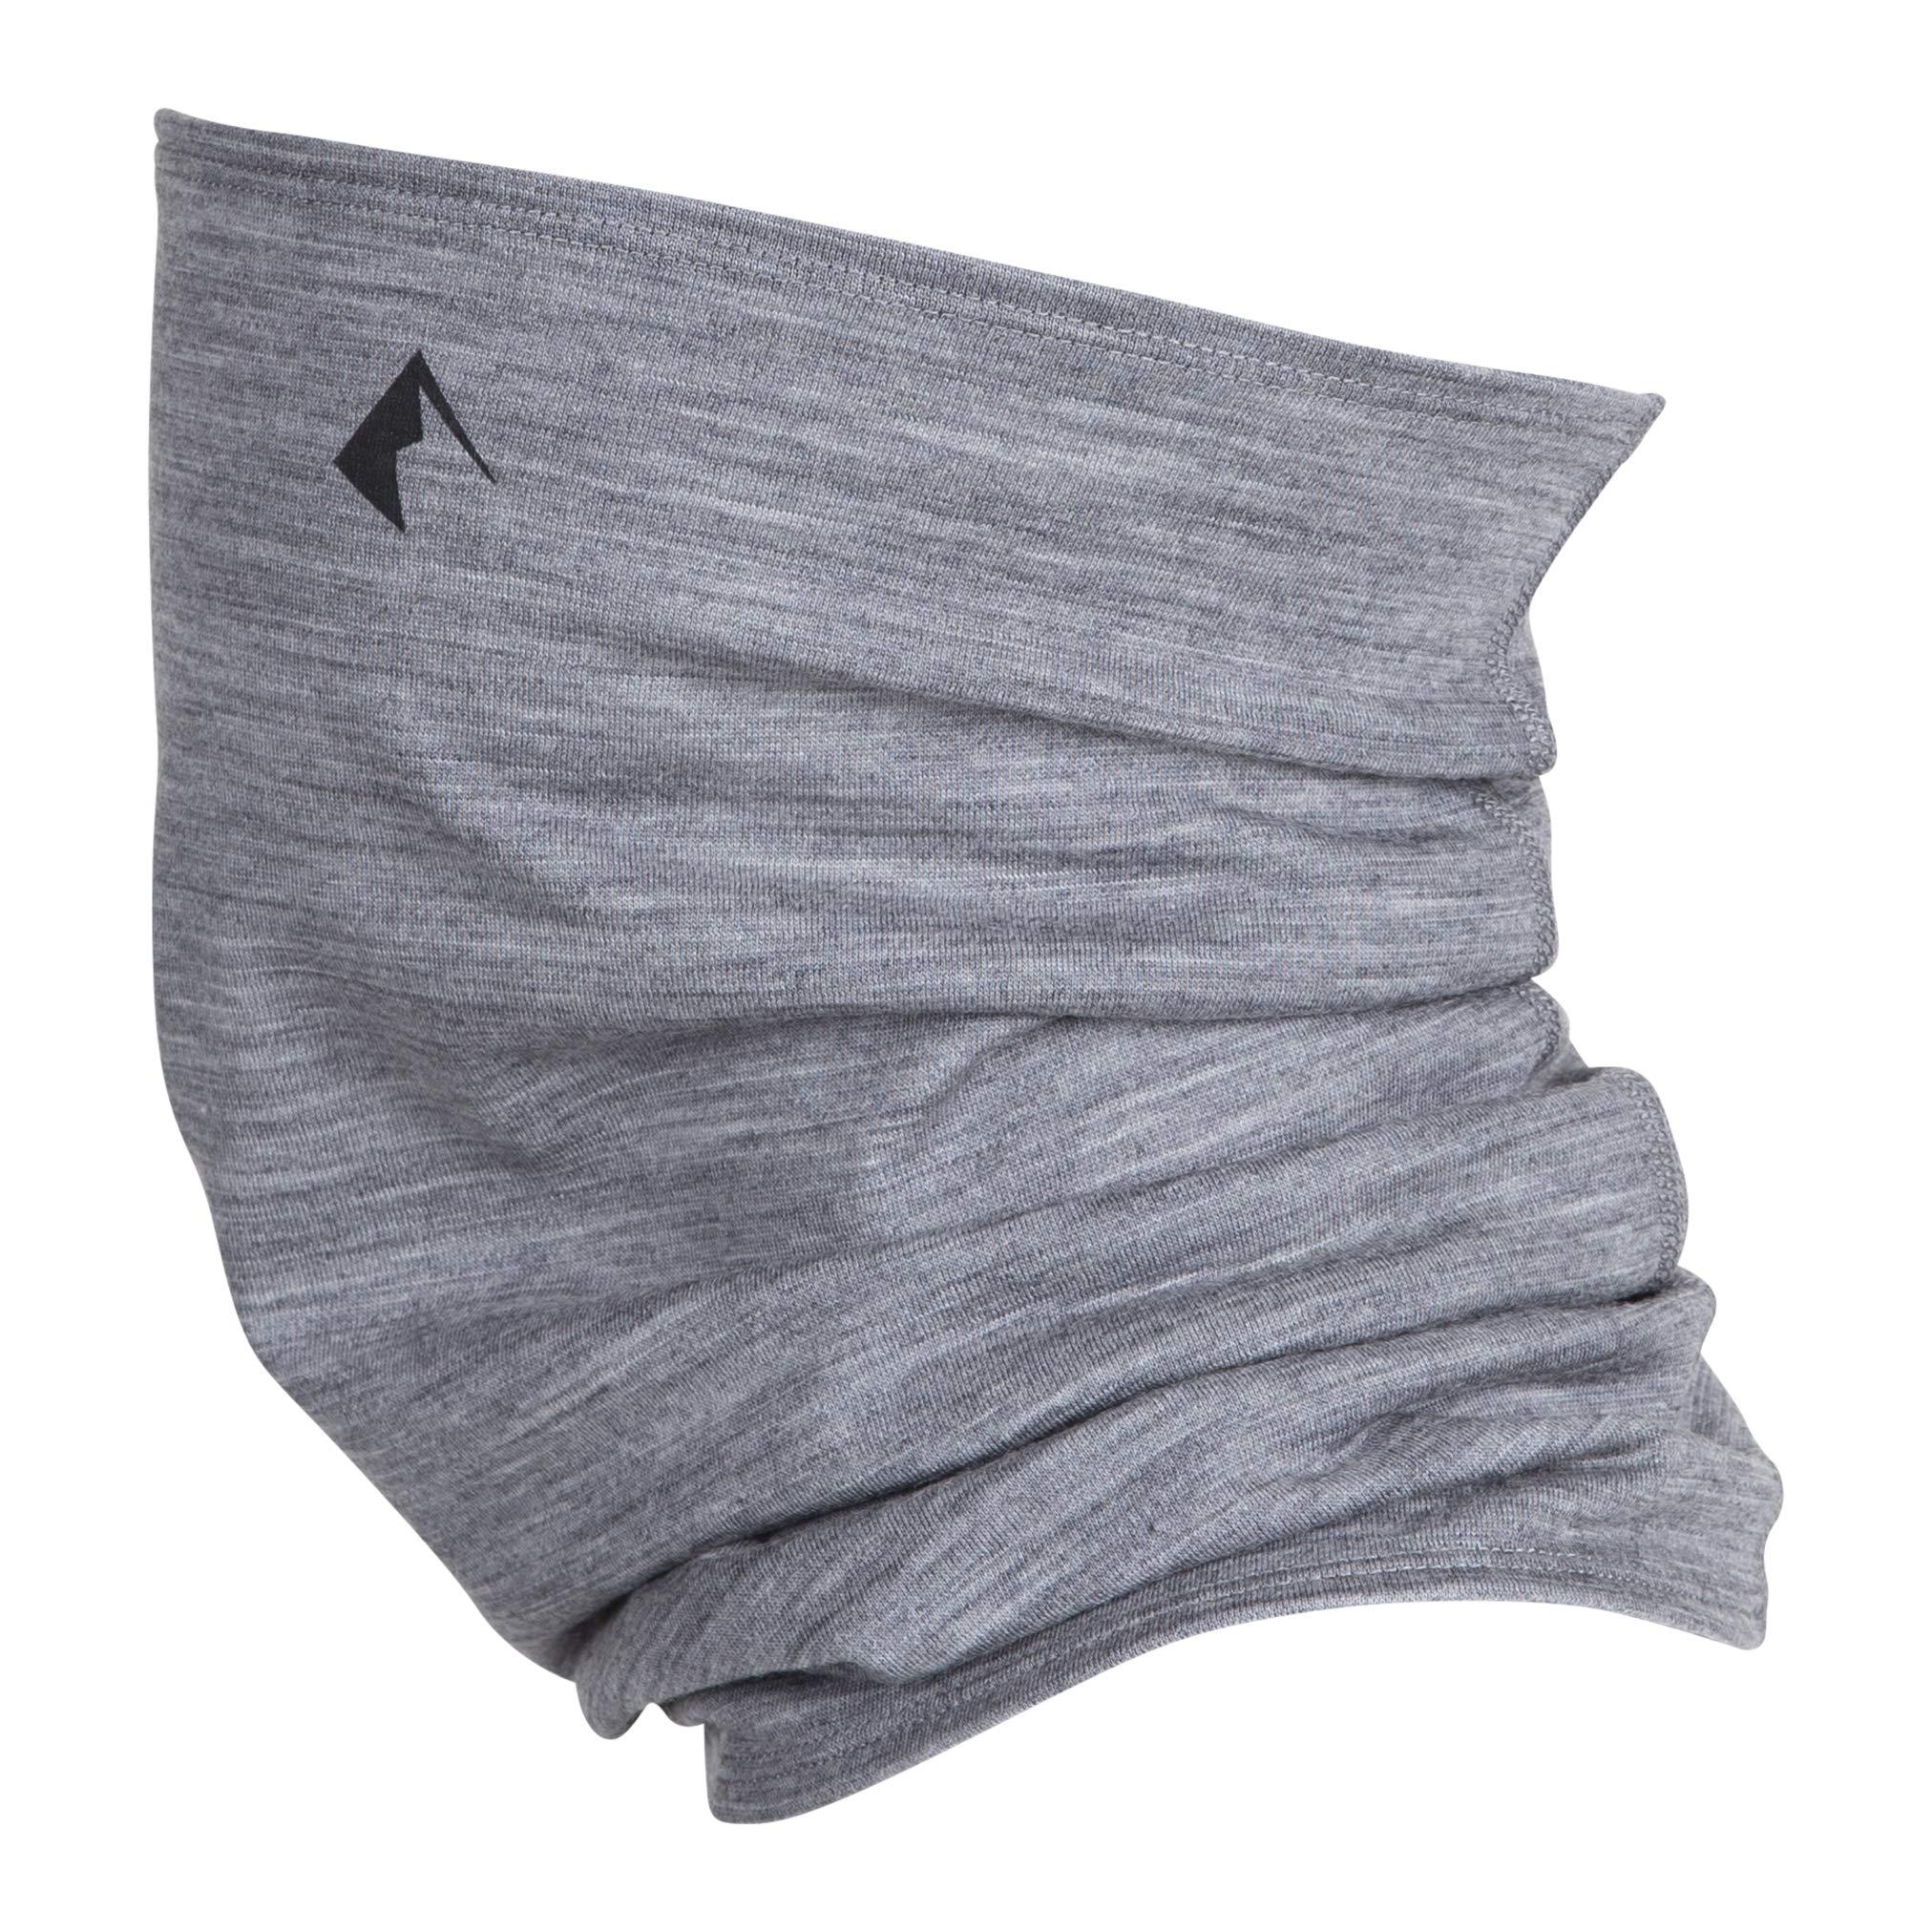 Ridge Merino Wool Neck Gaiter (Heather Grey, One size) by Ridge Merino (Image #1)